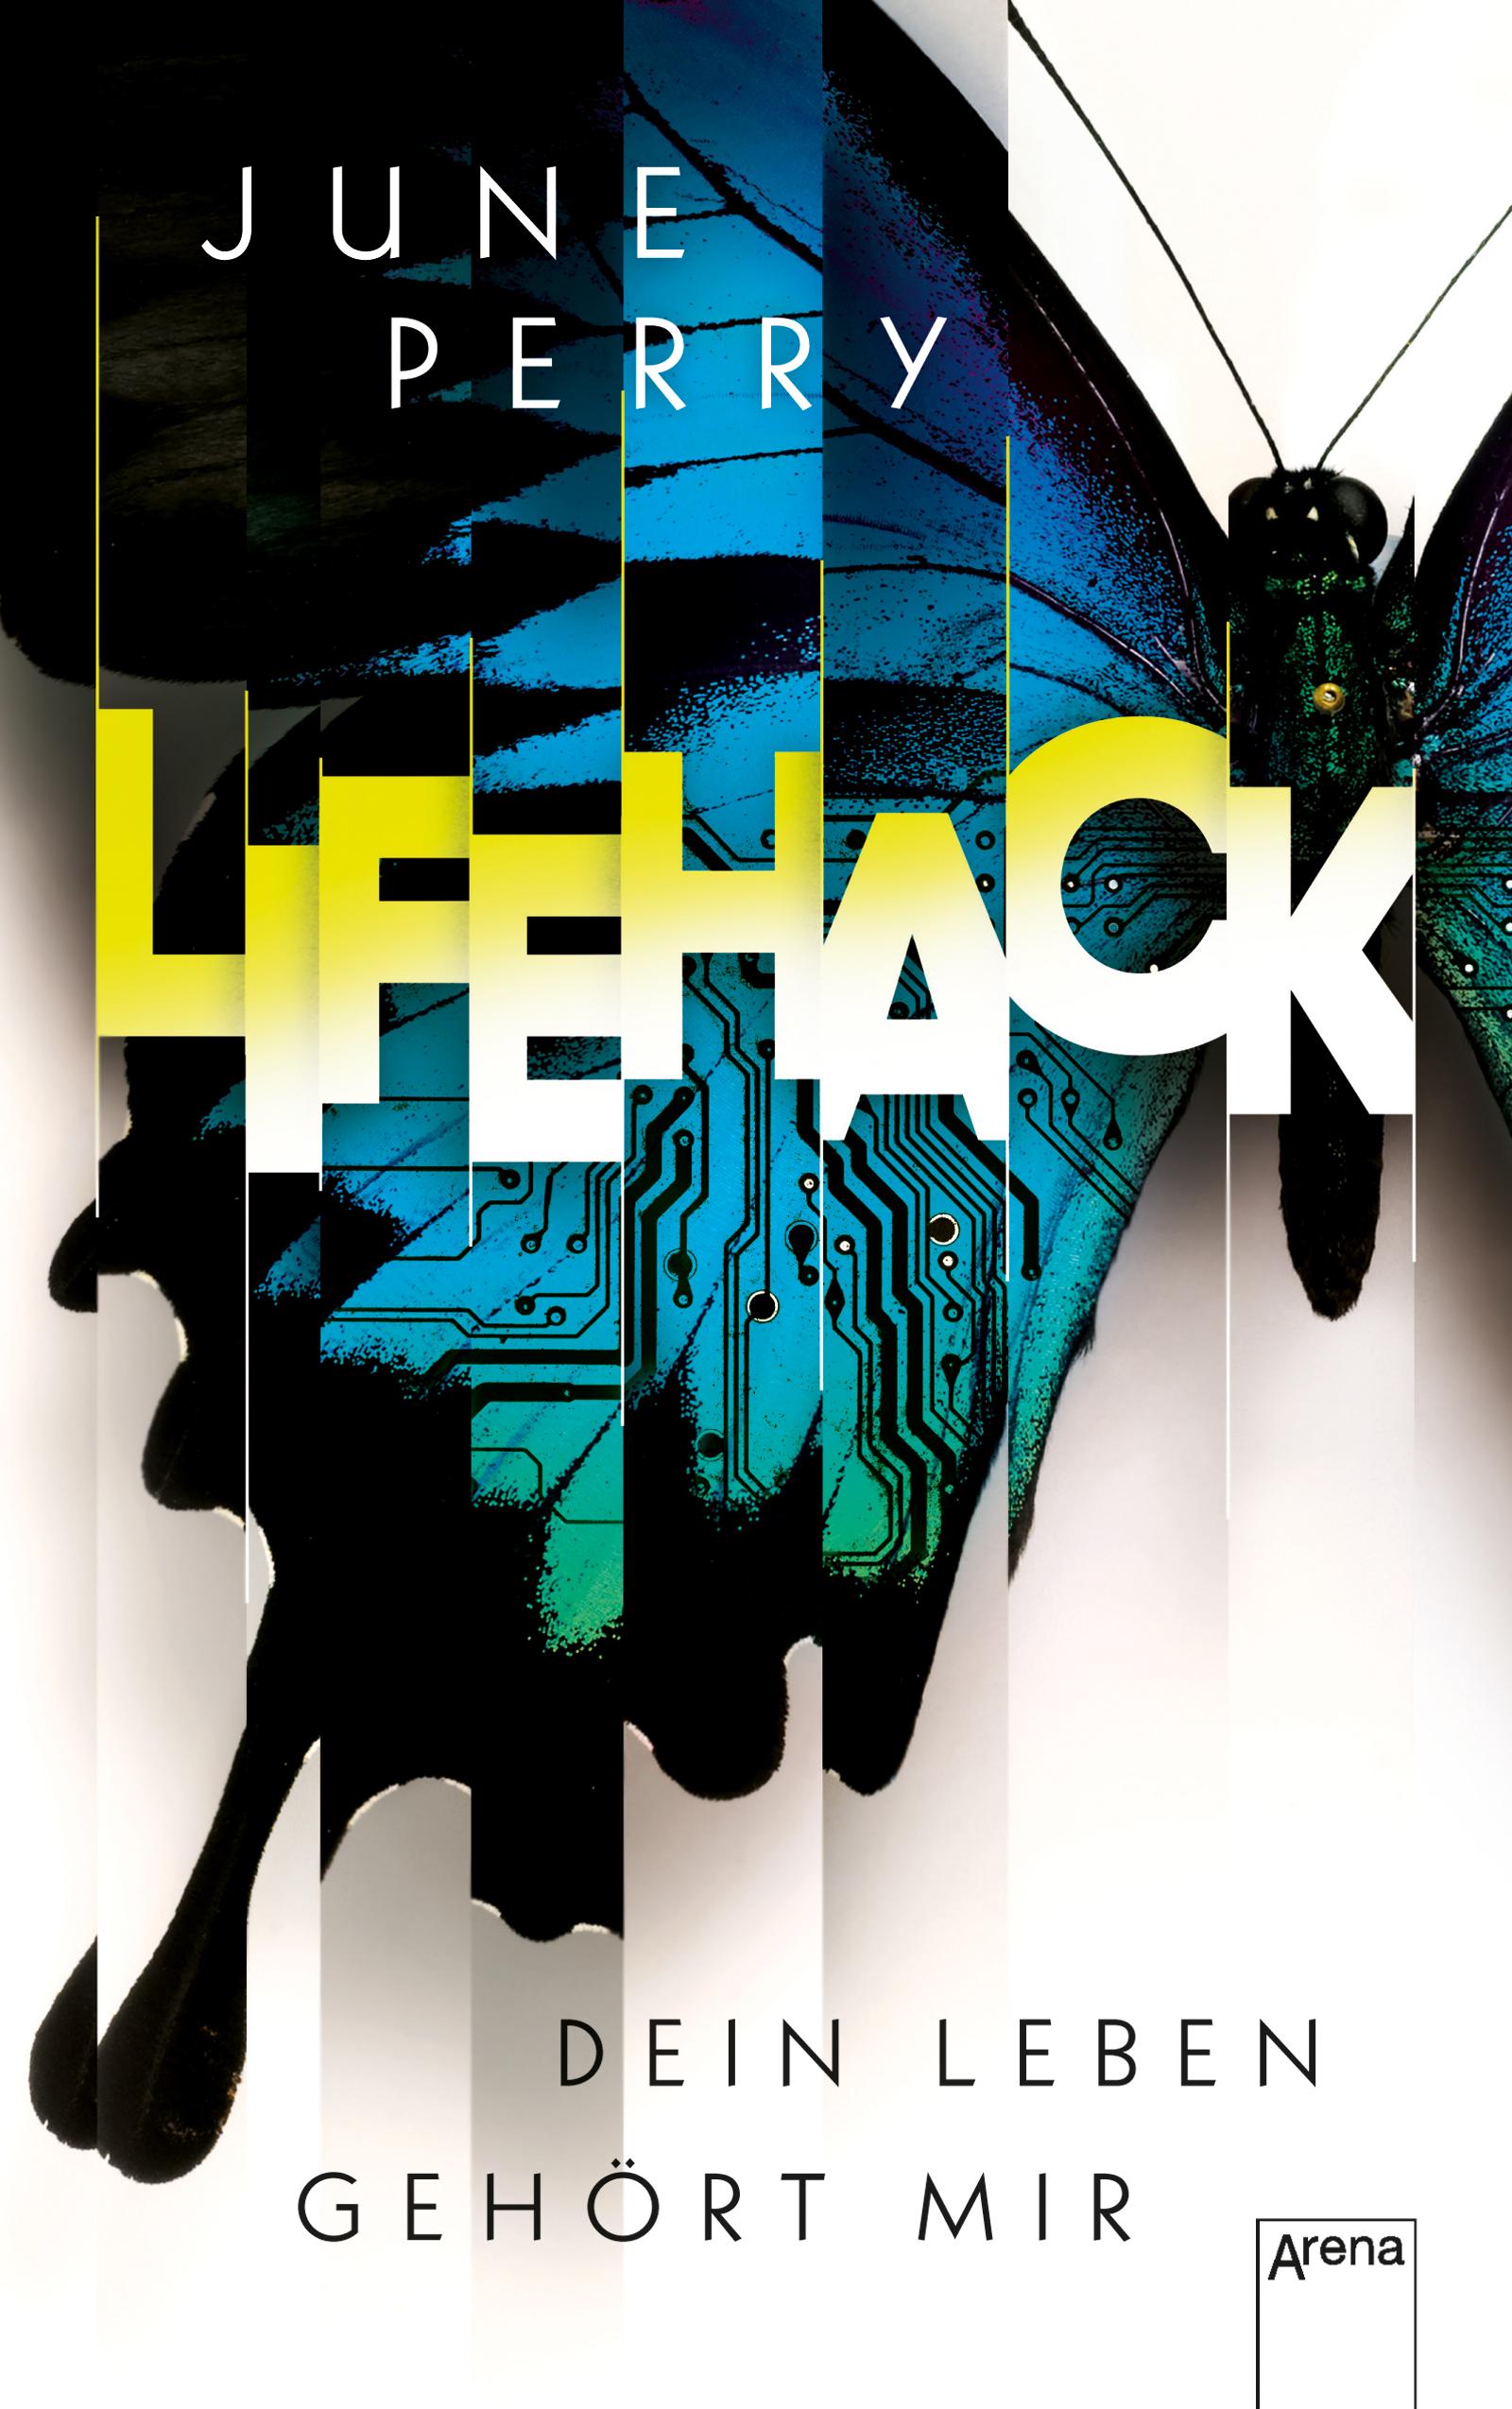 LifeHack. Dein Leben gehört mir   ARENA Verlag